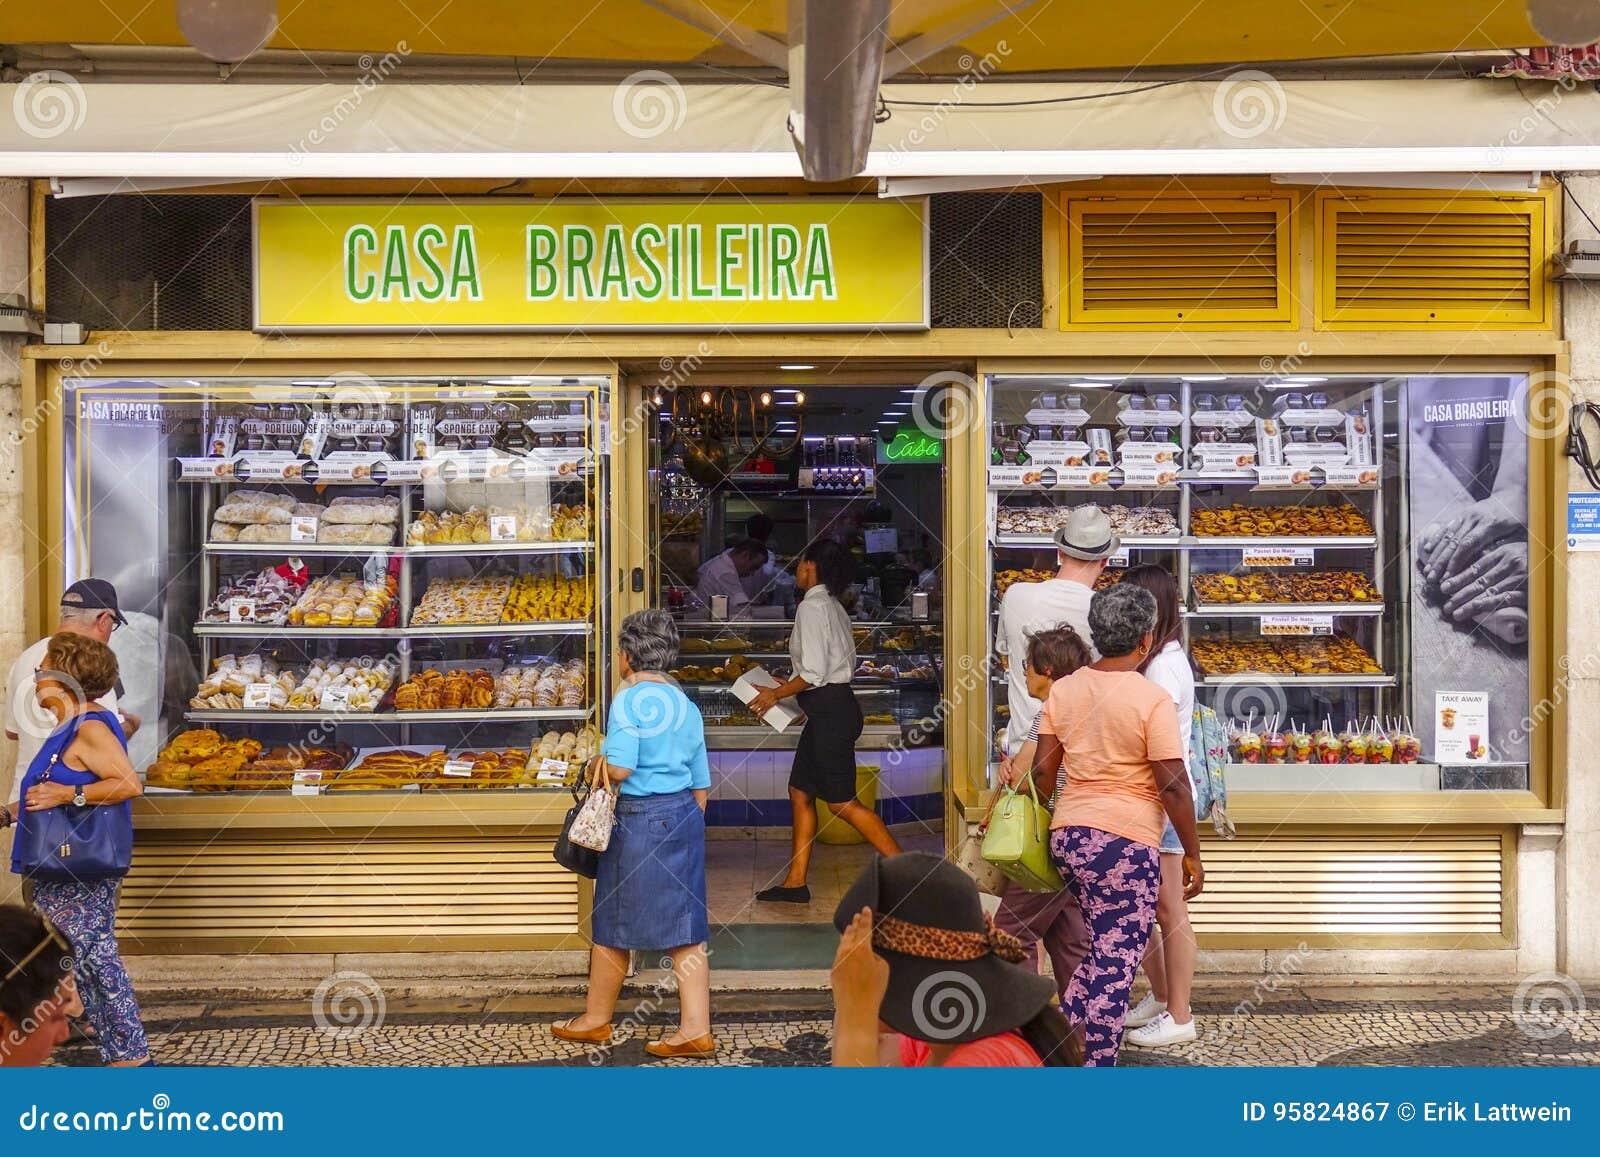 Boulangerie et boutique de pâtisserie populaires à Lisbonne , café  Brasileira